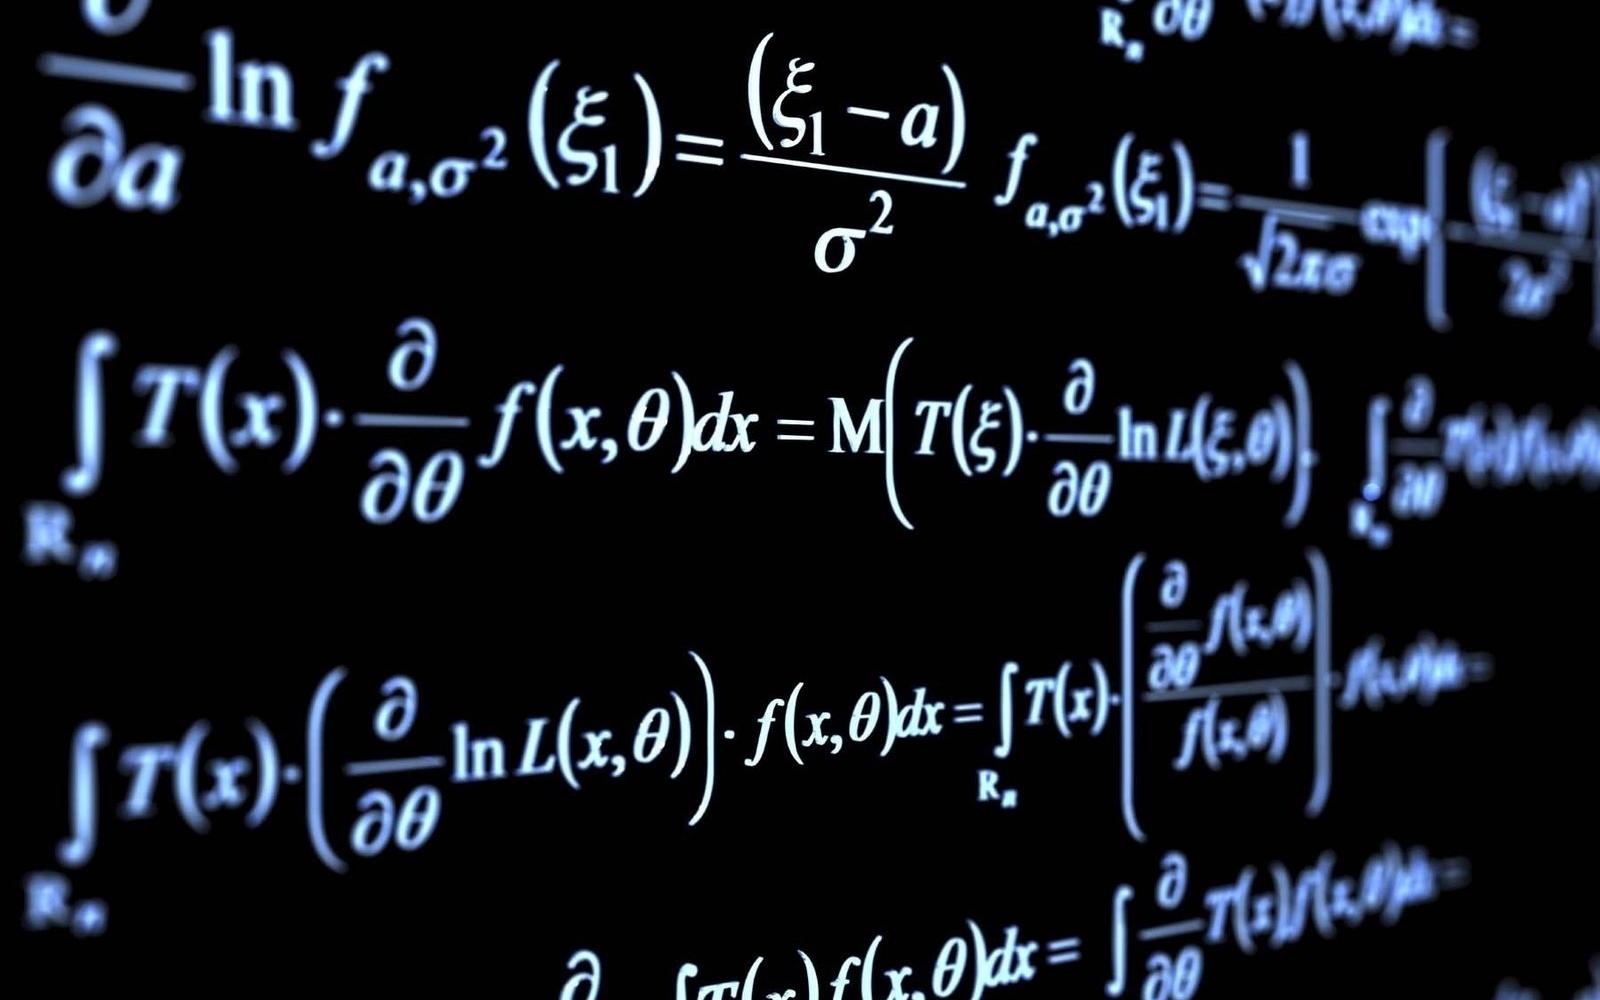 matematica_e_statistica_per_urbanistica_1533636779.png